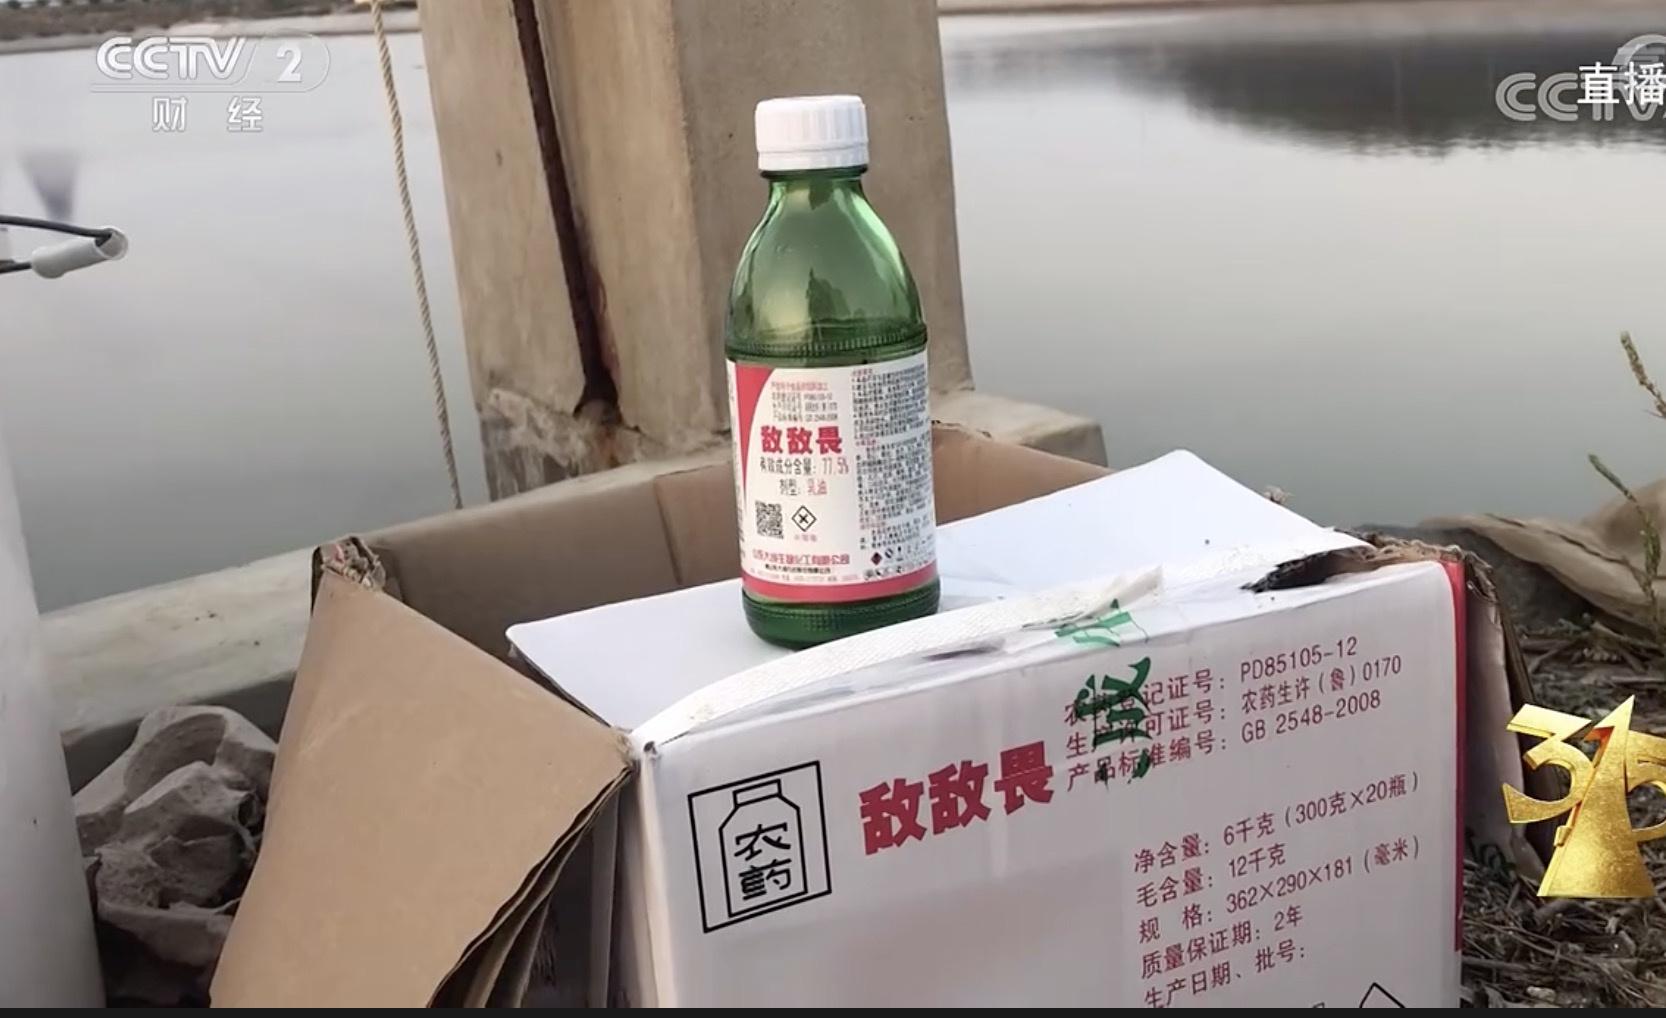 【杏悦】31杏悦5晚会曝光山东即墨海参养殖黑幕图片